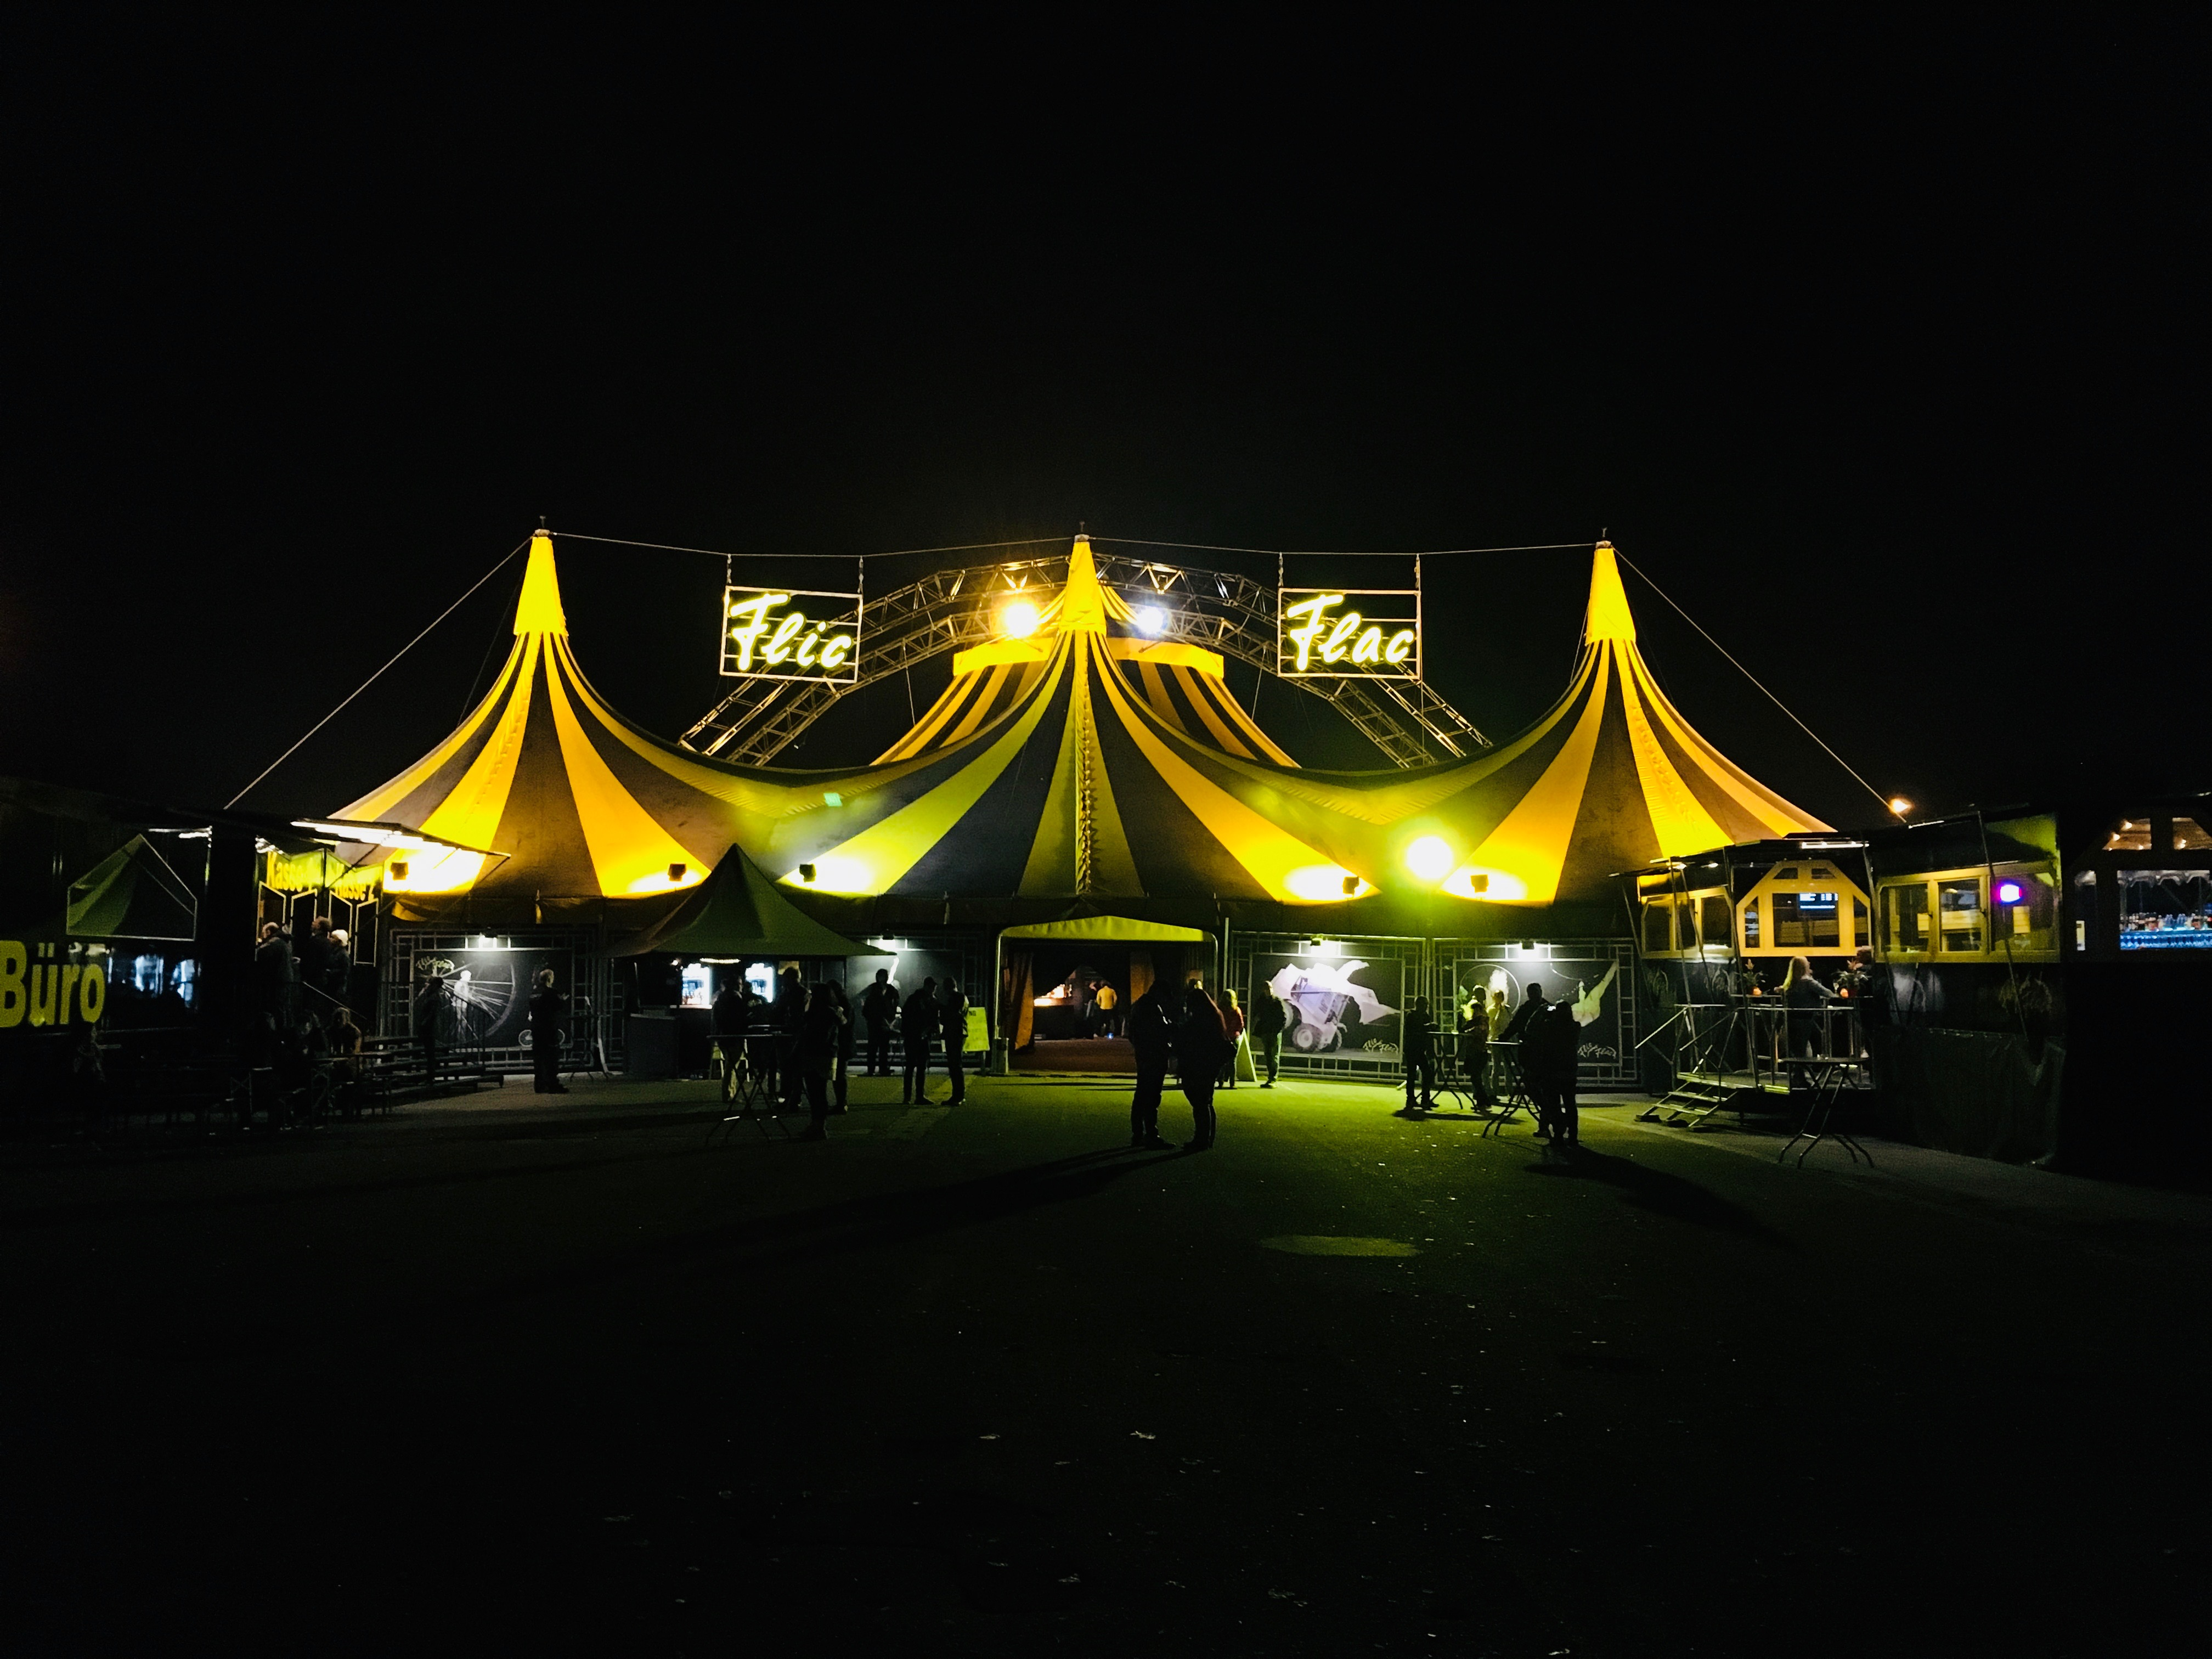 Circus FlicFlac in Mannheim